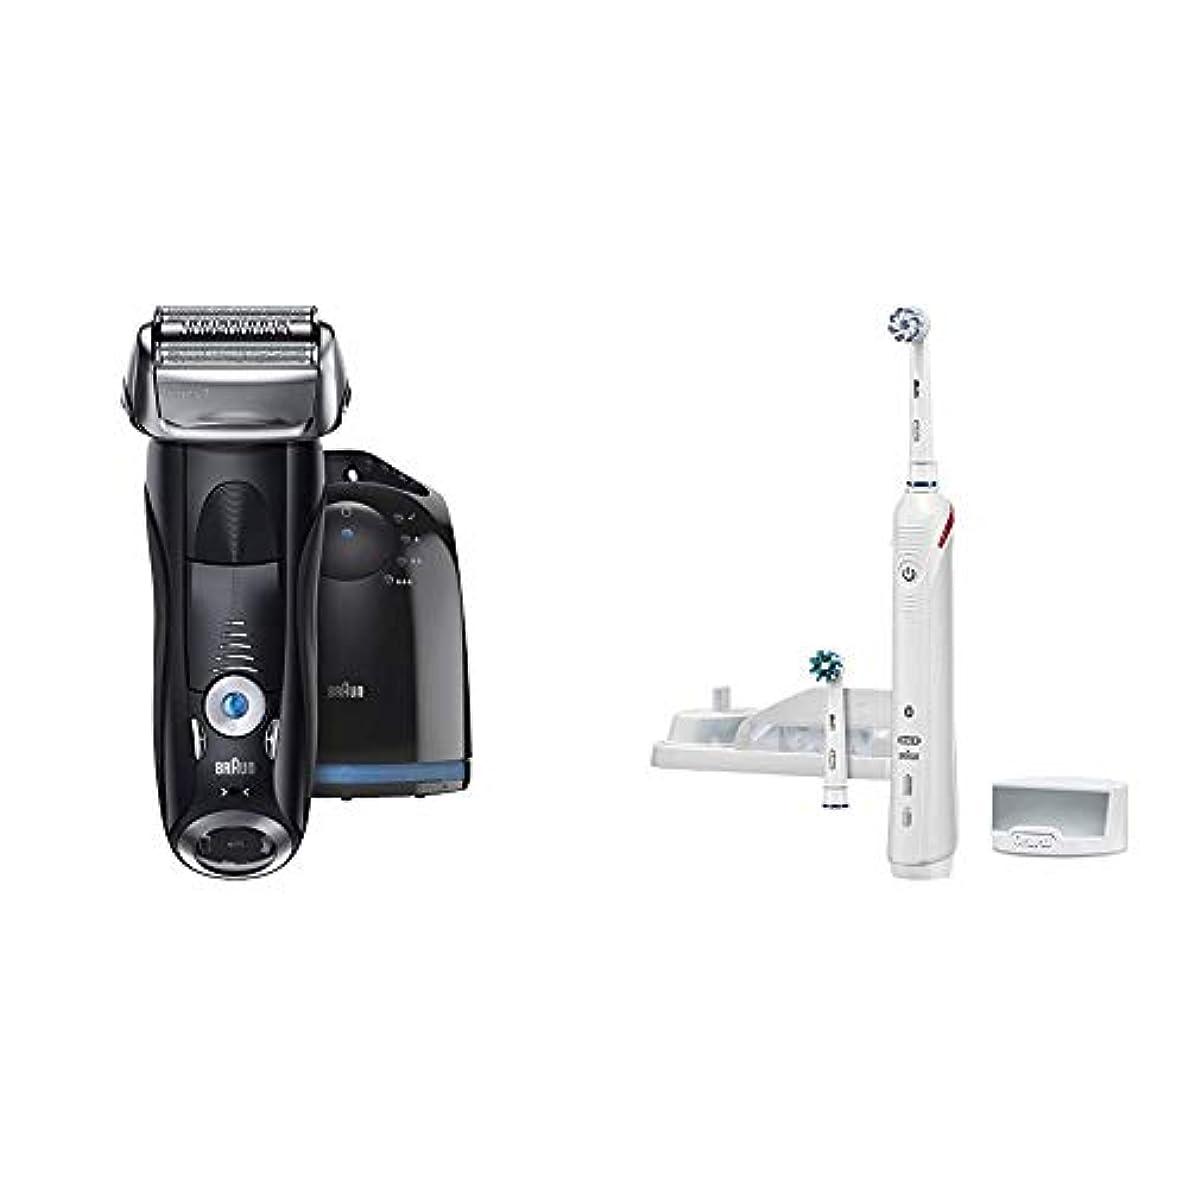 家主全部依存【Amazon.co.jp 限定】ブラウン メンズ電気シェーバー シリーズ7 7760cc 4カットシステム 洗浄機付 水洗い可 & ブラウン オーラルB 電動歯ブラシ スマート4000 D6015253P